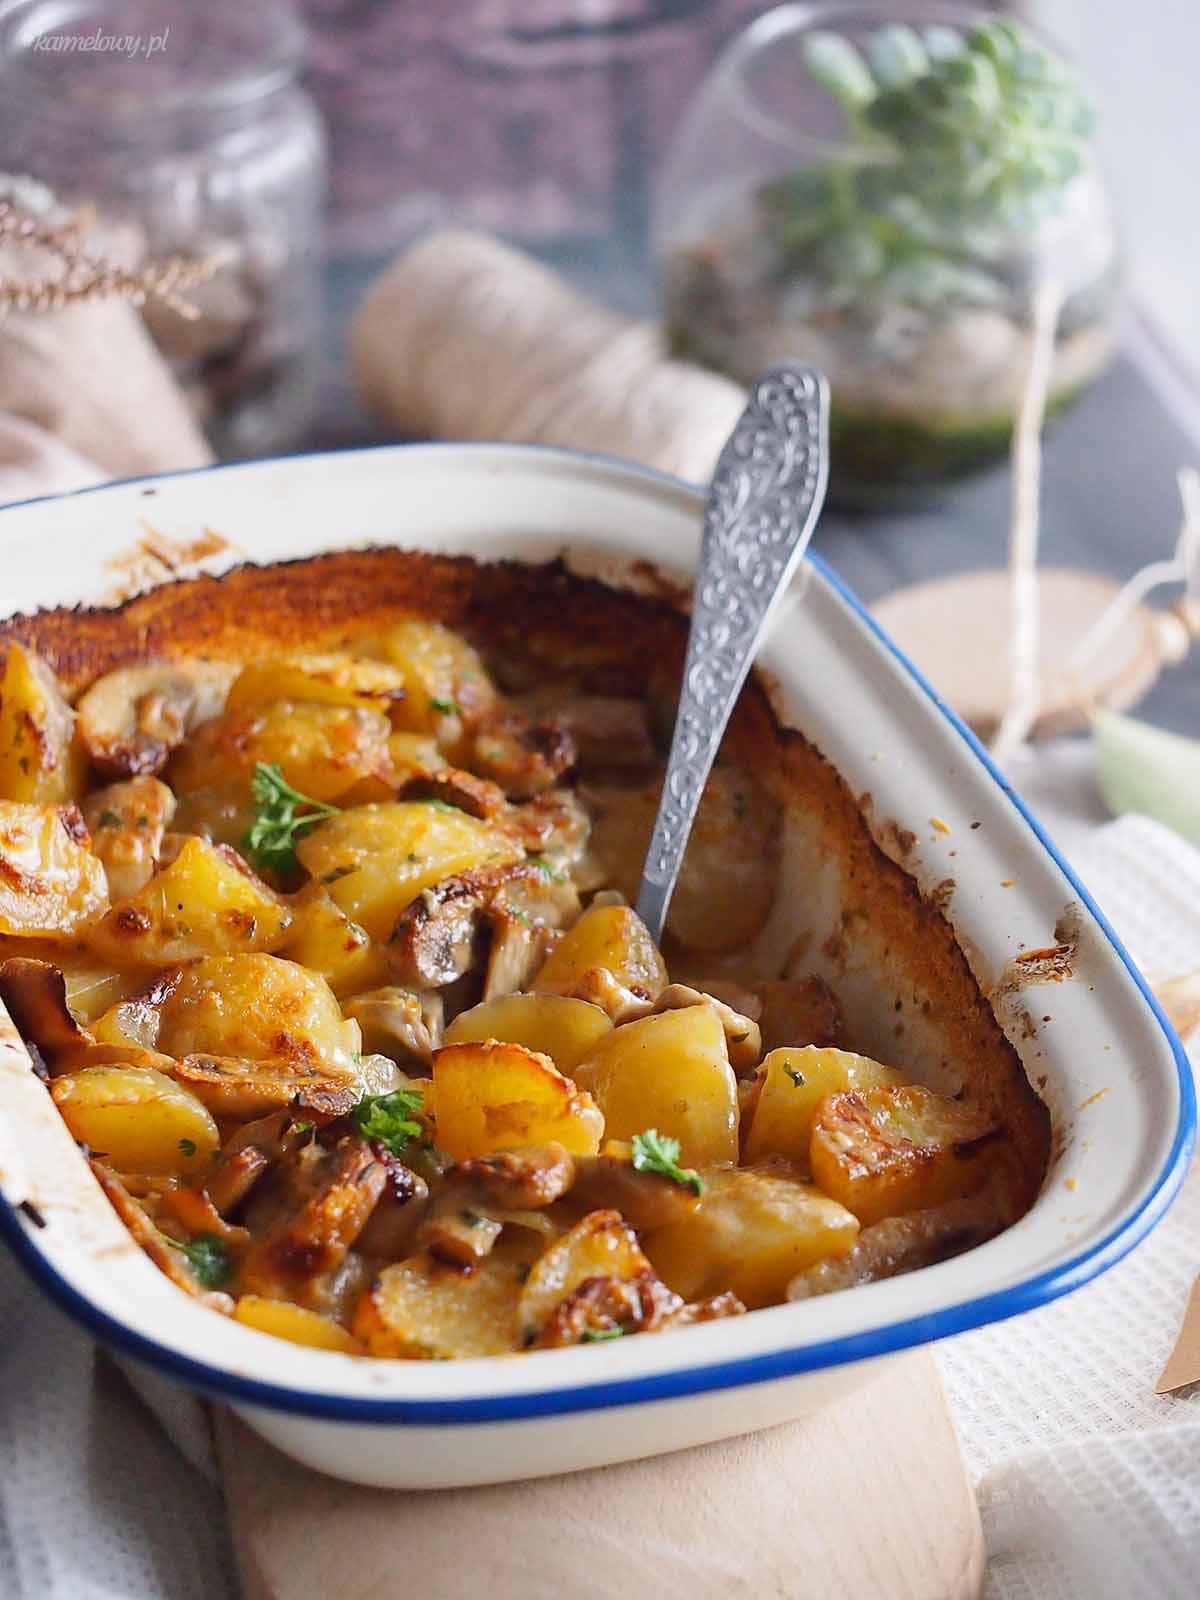 Zapiekane-ziemniaki-z-grzybami-i-cebula-Potato-mushroom-and-onion-bake